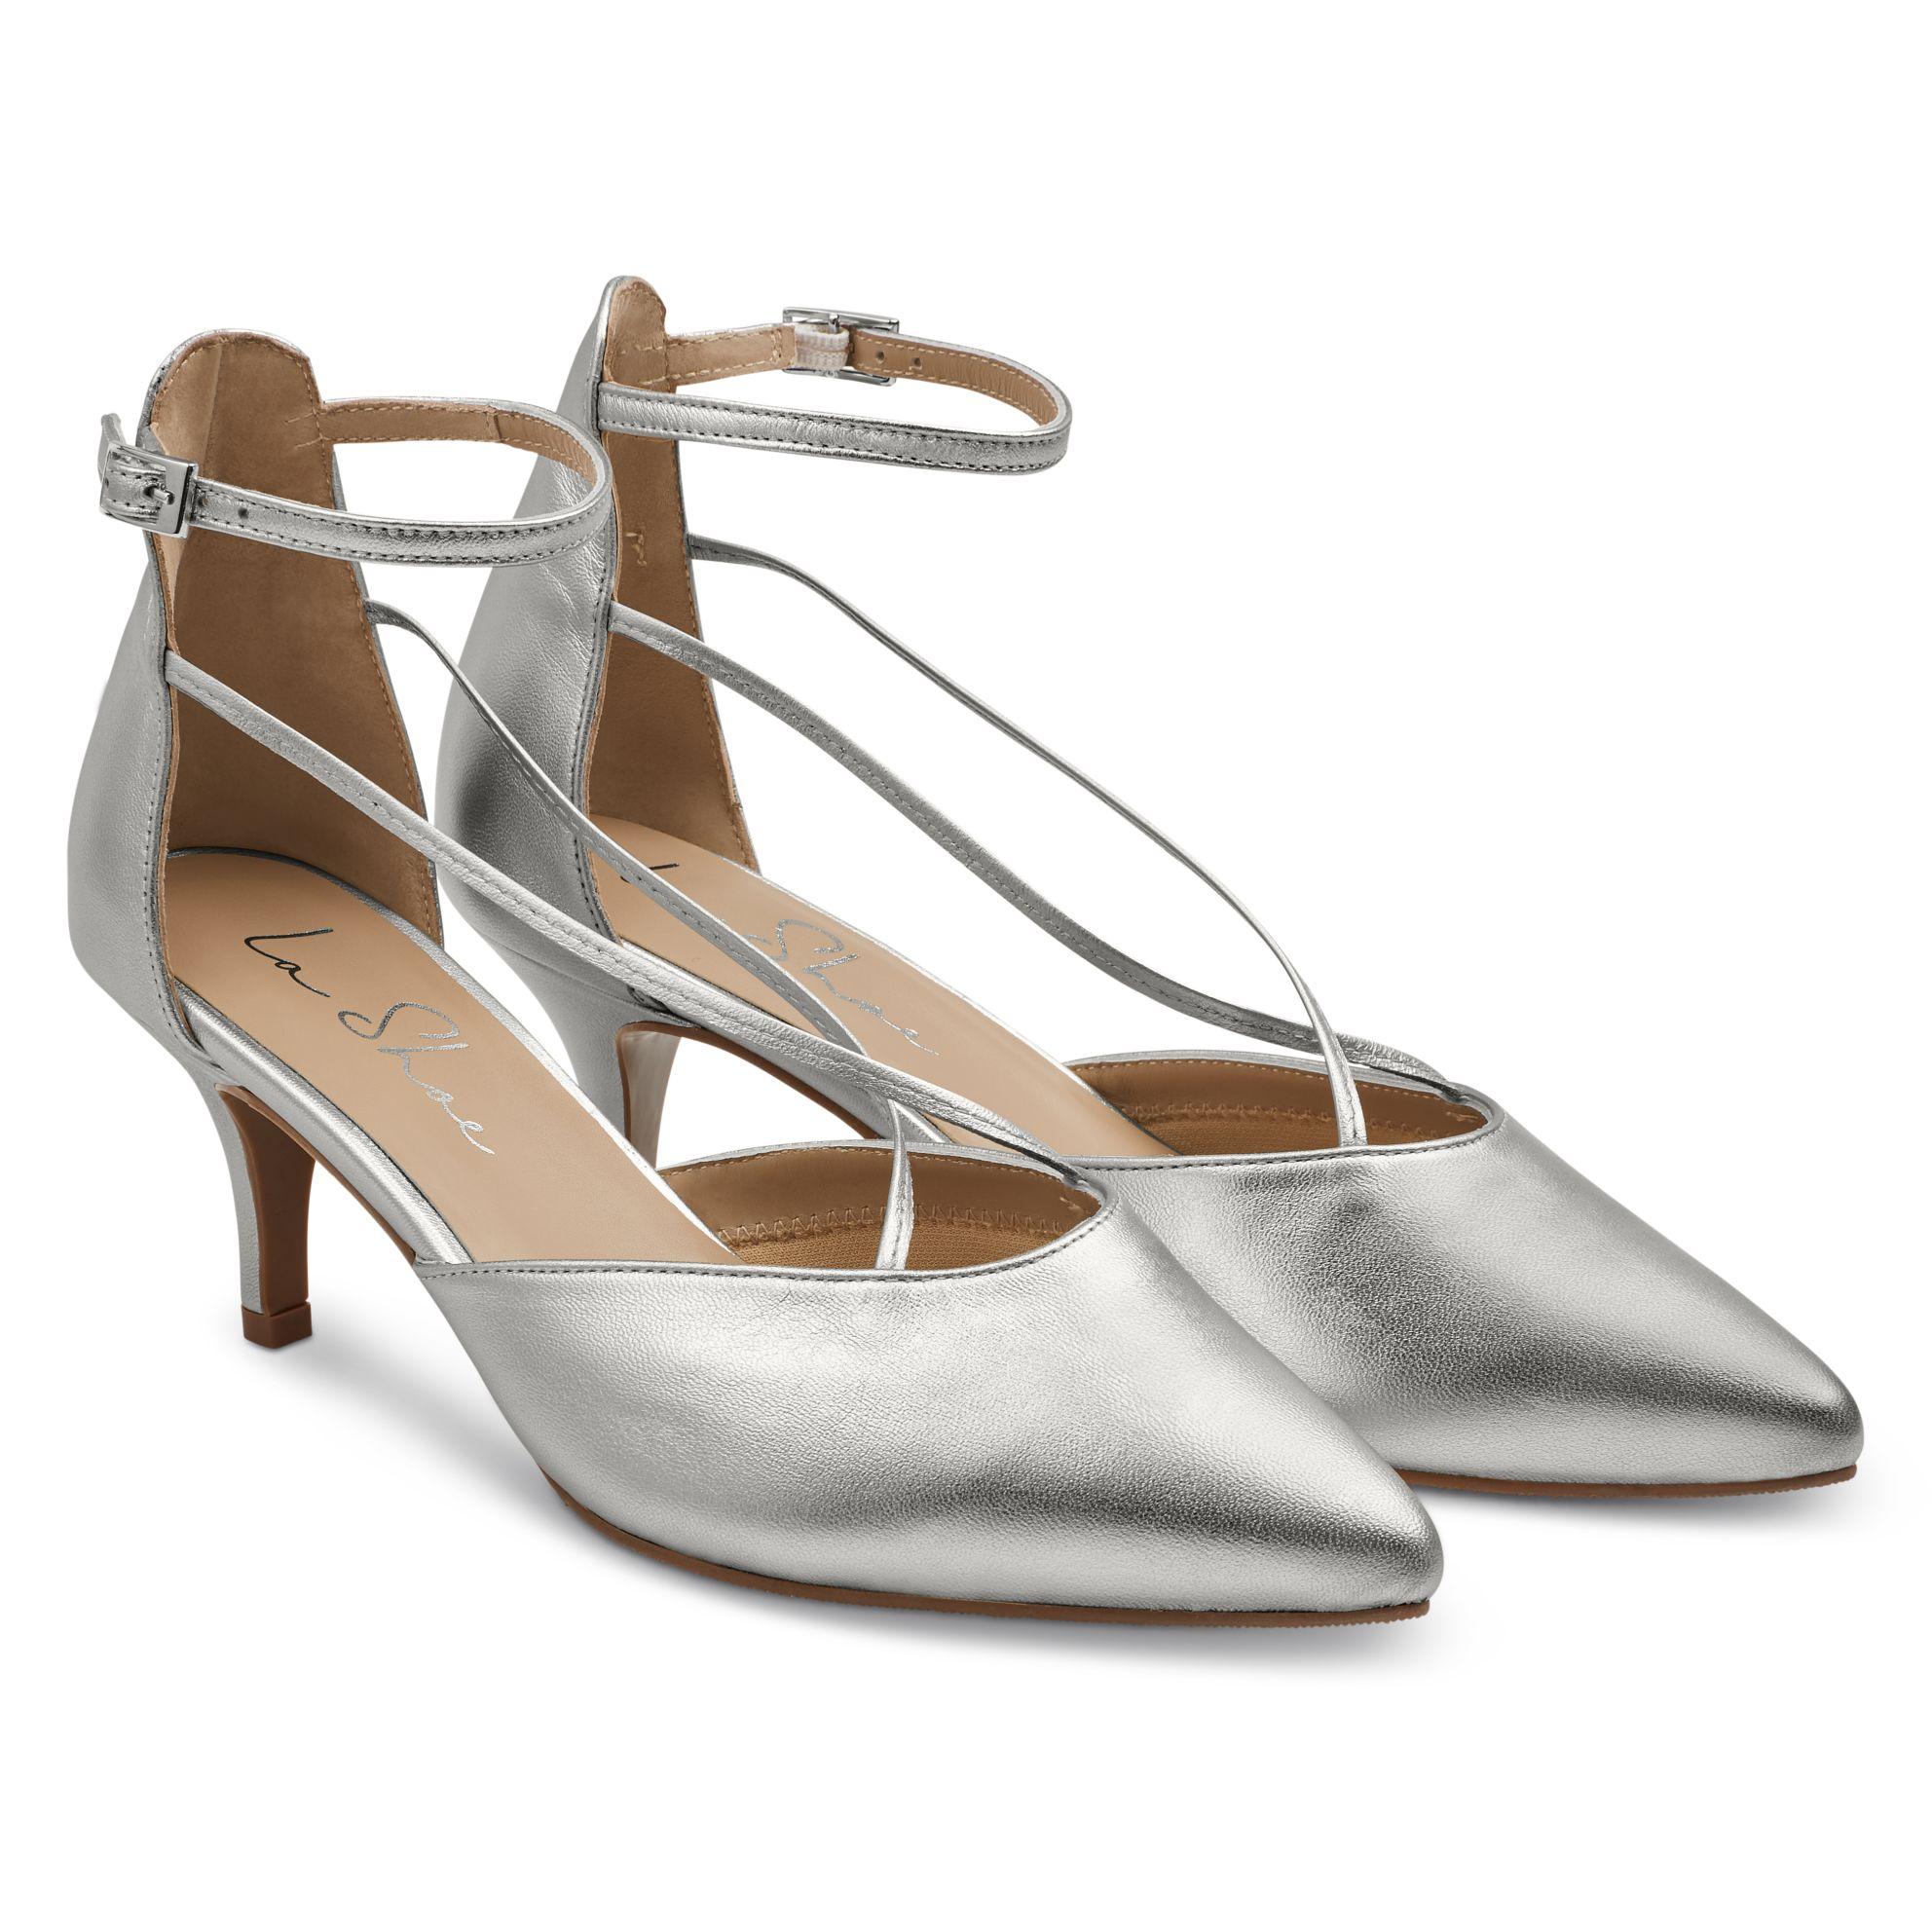 Pumps mit Kreuzriemchen Silber – modischer und bequemer Schuh für Hallux valgus und empfindliche Füße von LaShoe.de